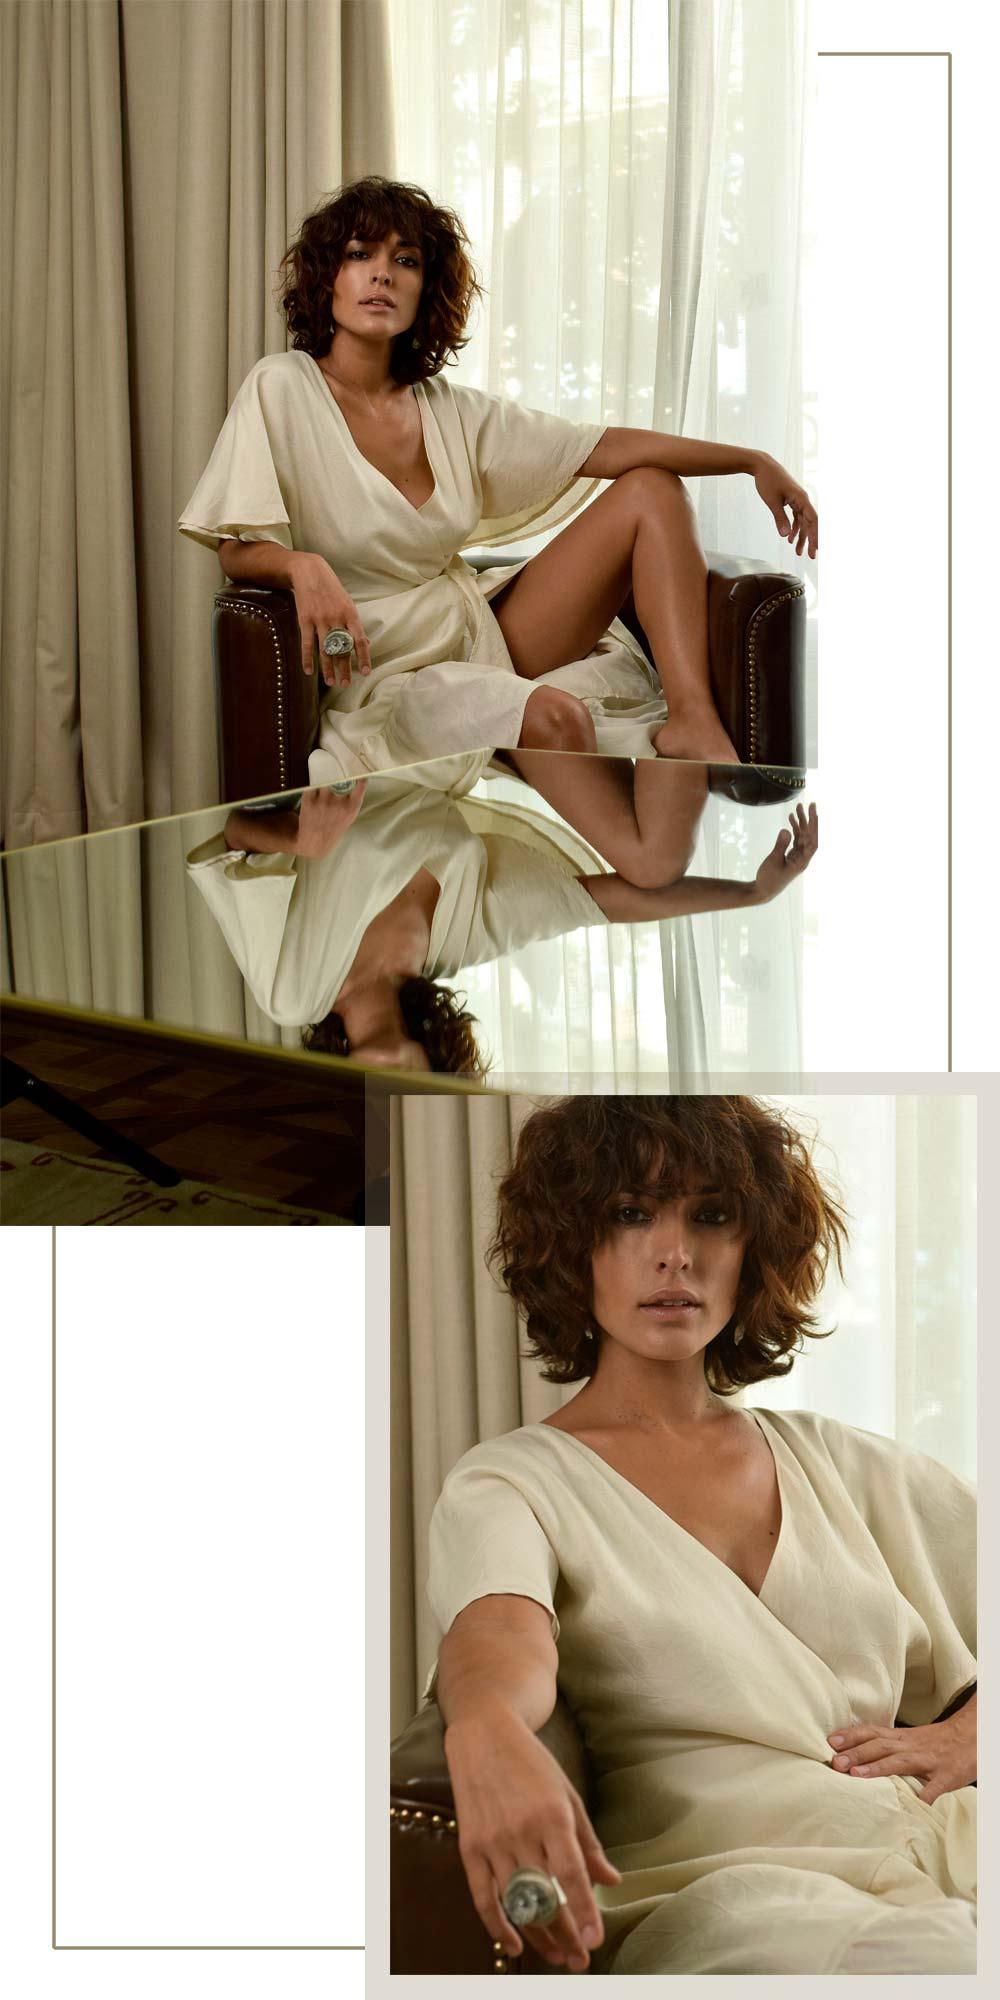 inma cuesta se desnuda en entrevista